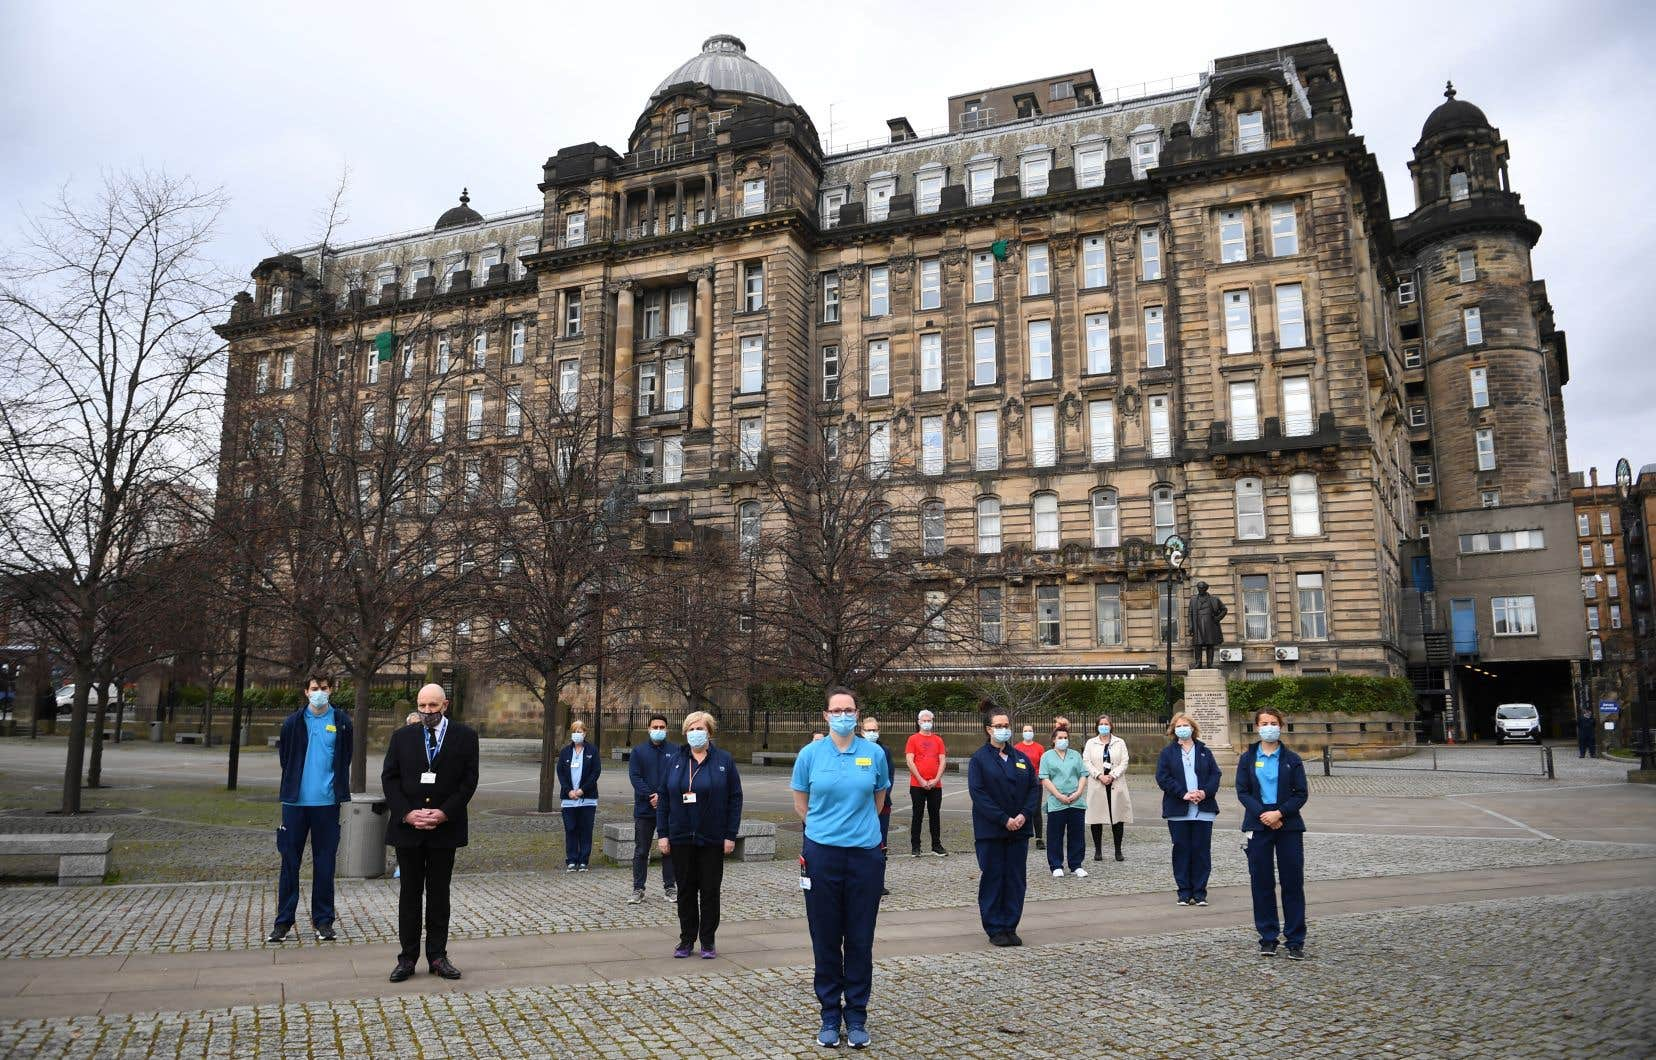 <p>Pays le plus endeuillé d'Europe, le Royaume-Uni s'est figé à 12hGMT (8h au Québec) lors d'une minute de silence en hommage à ses 126000 victimes de la pandémie, un an jour pour jour après la mise en place du premier confinement dans le pays.</p>